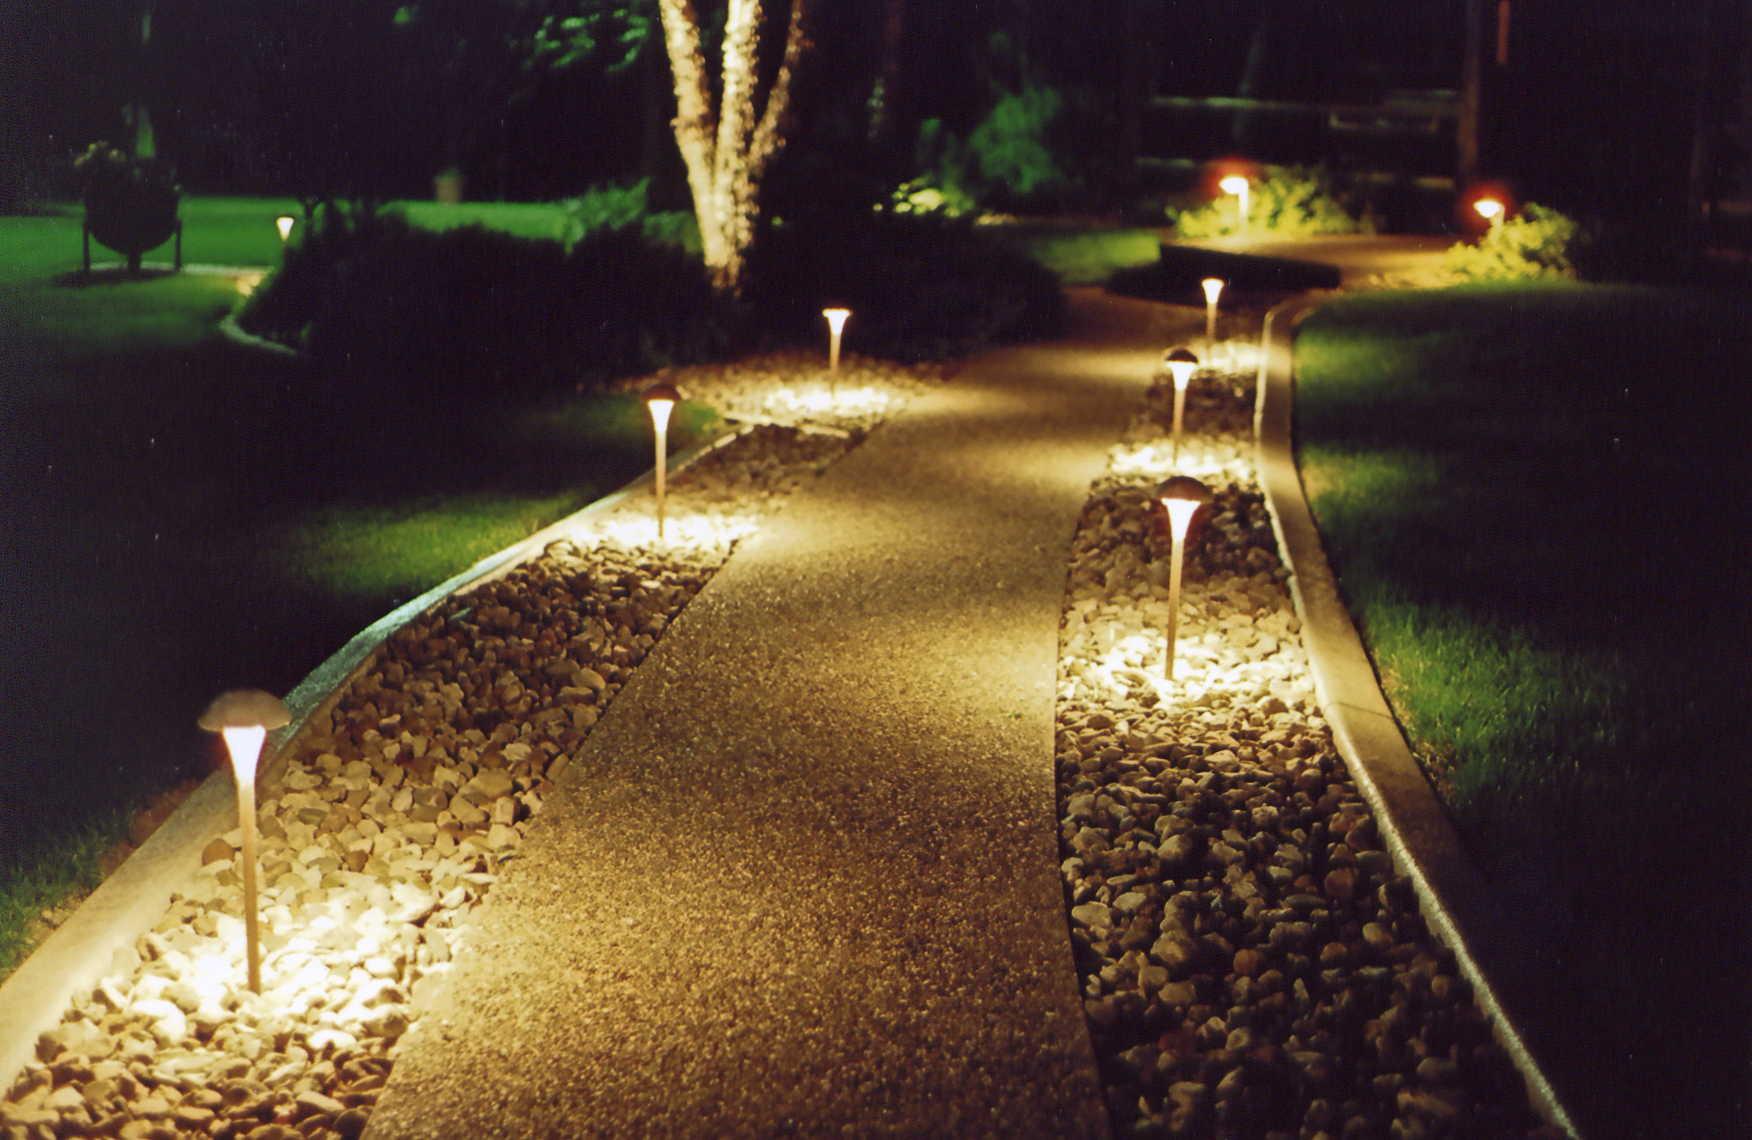 Comment Installer Un Eclairage Exterieur eclairage extérieur : comment créer une ambiance cosy ? -